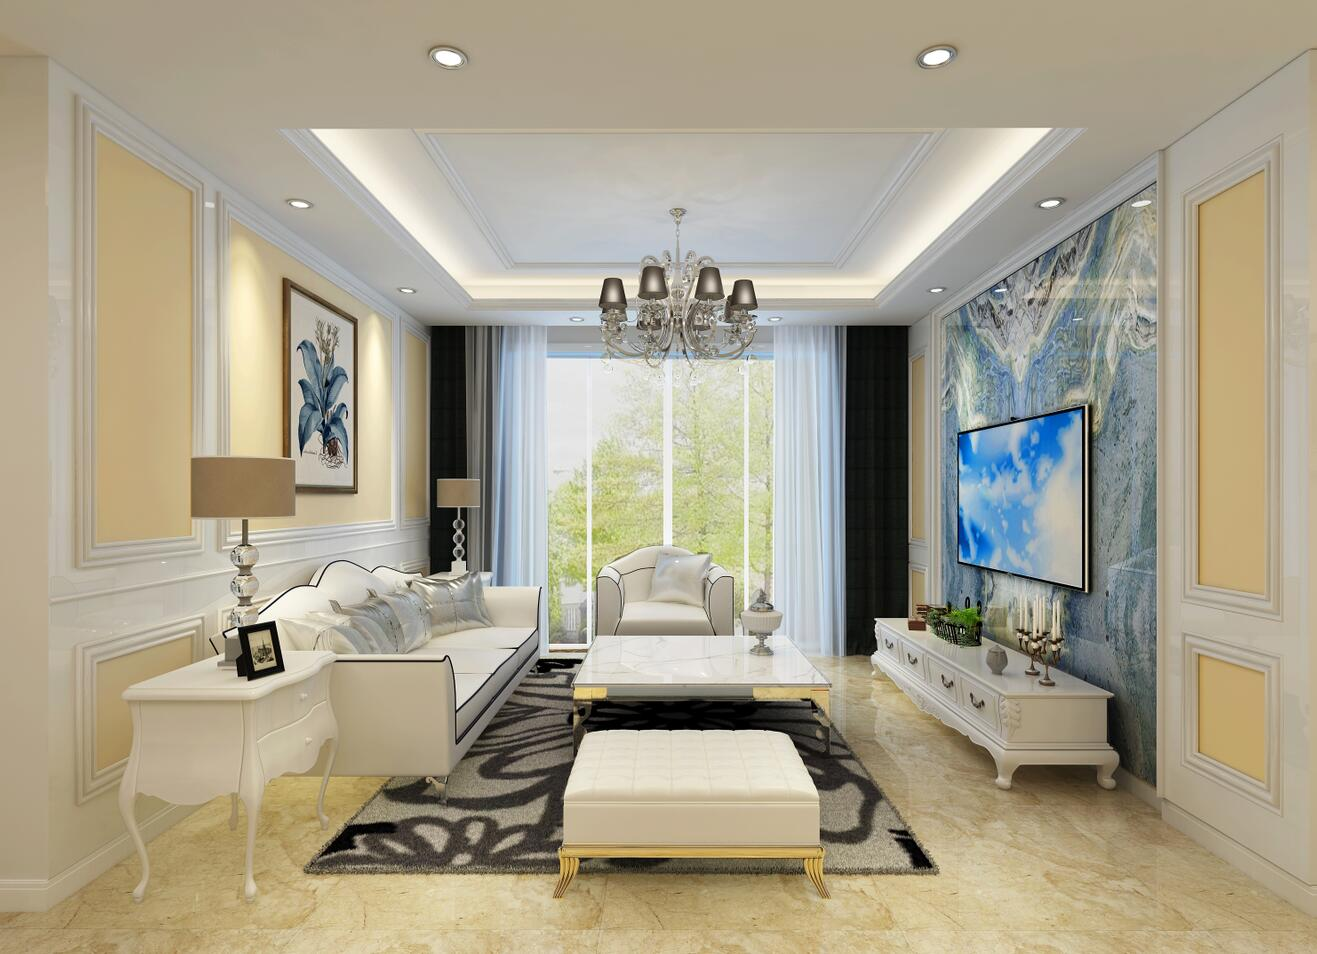 百合盛世二居欧式风格二居装修效果图